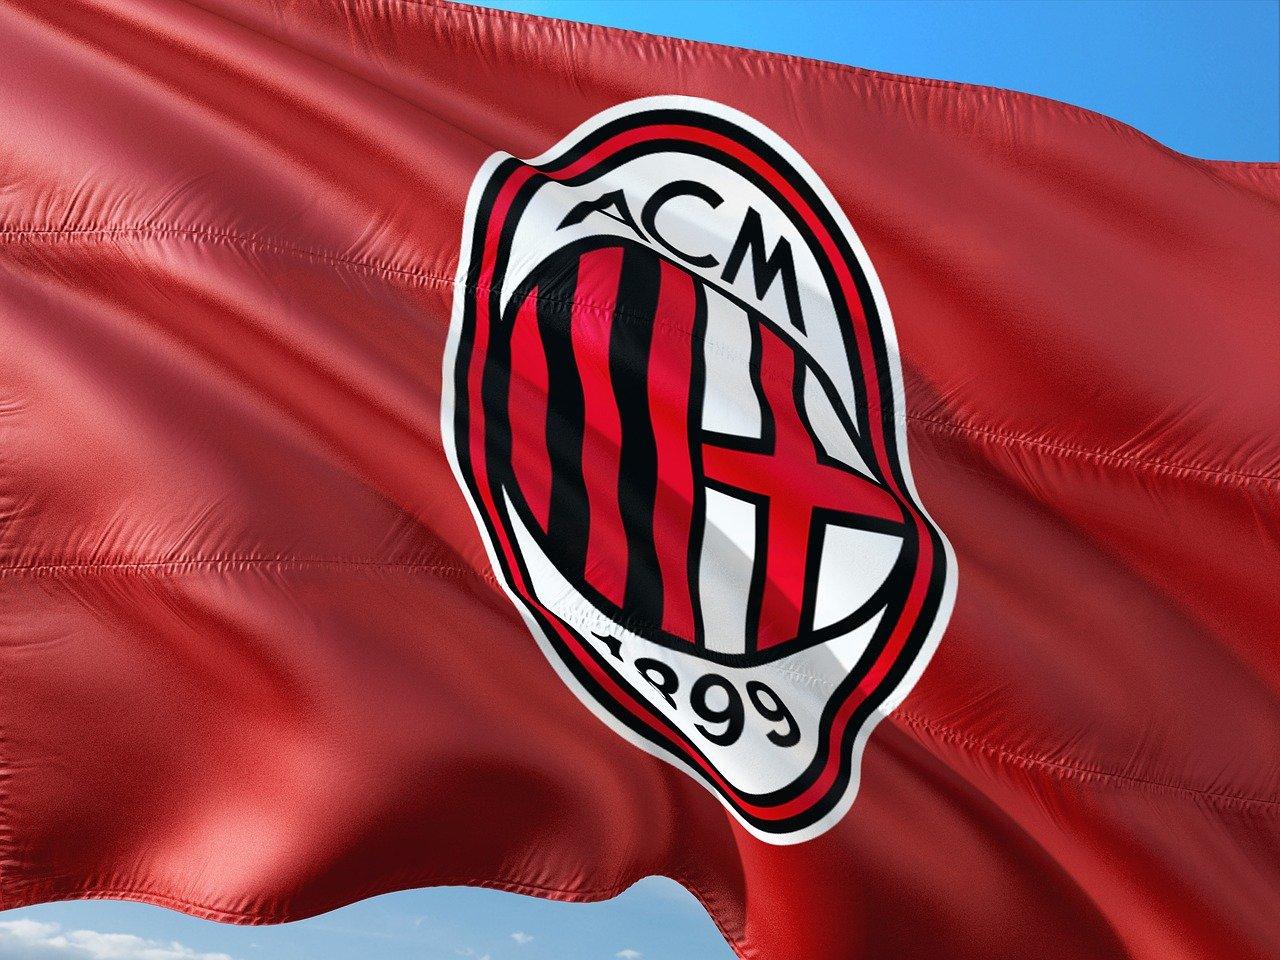 Fußball: Der Aufschwung des AC Mailand – Viel Licht und ein bisschen Schatten